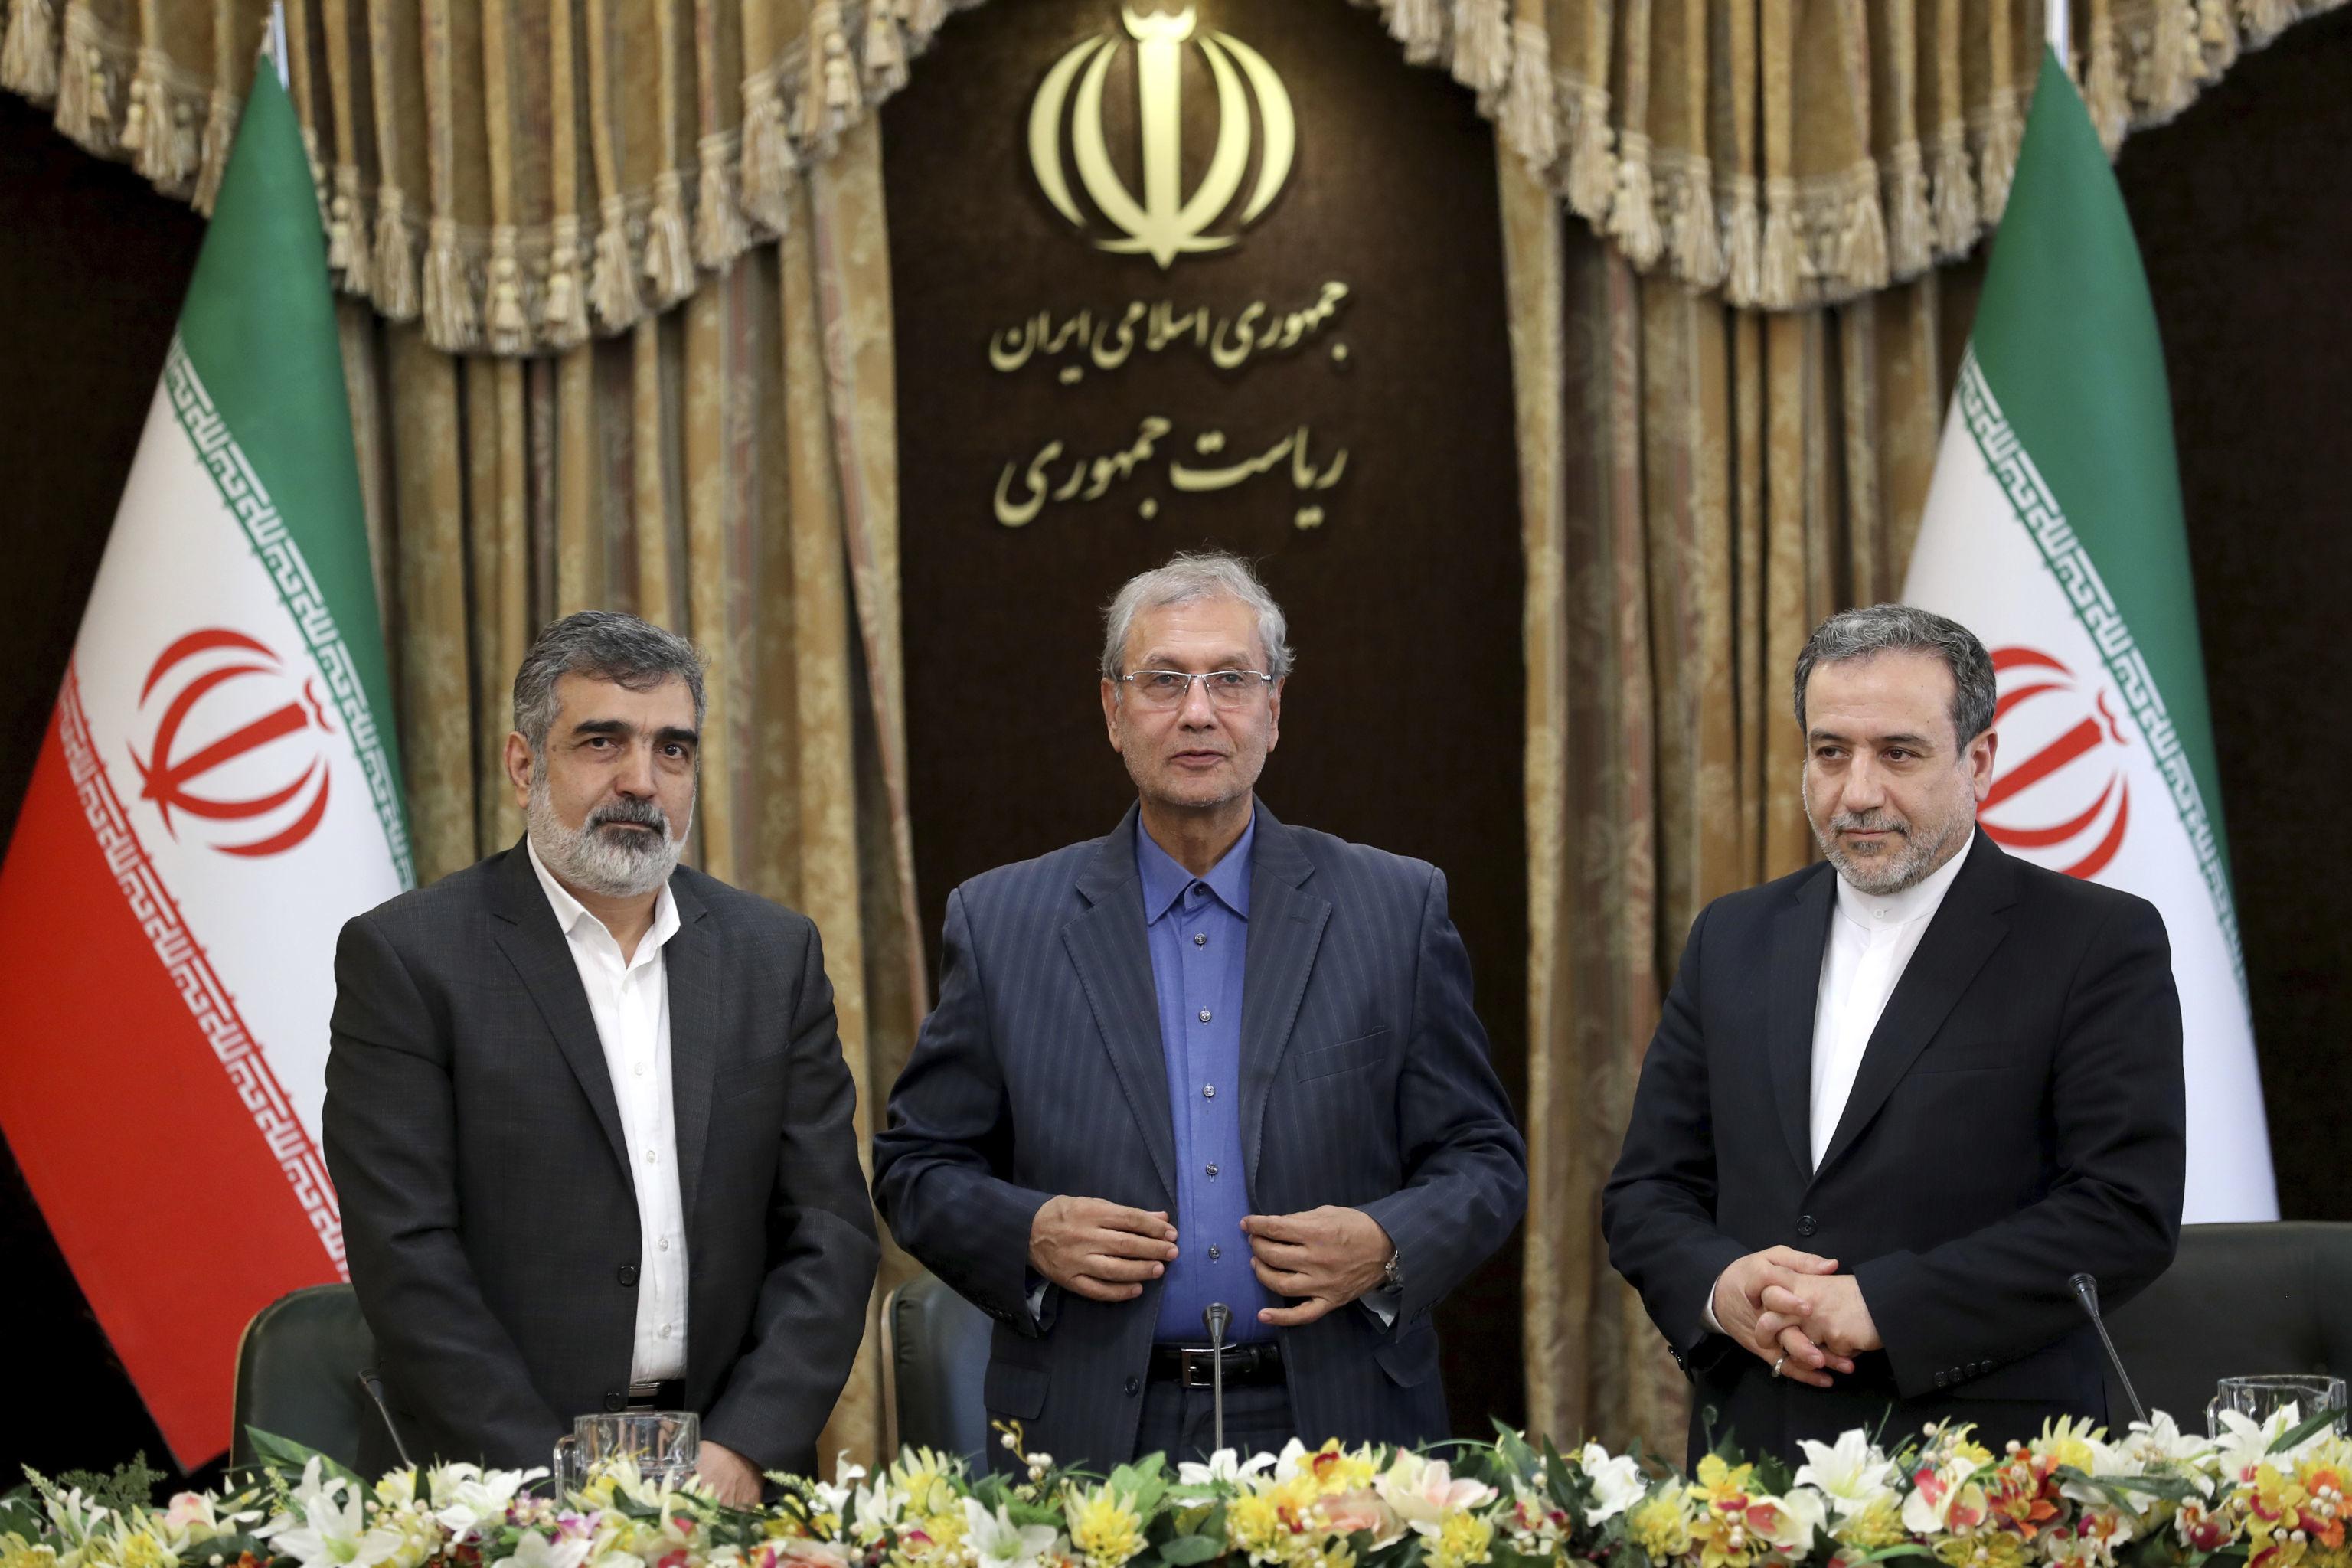 Autoridades iranianas em comitiva de imprensa sobre o programa nuclear do país em Teerã, Irã